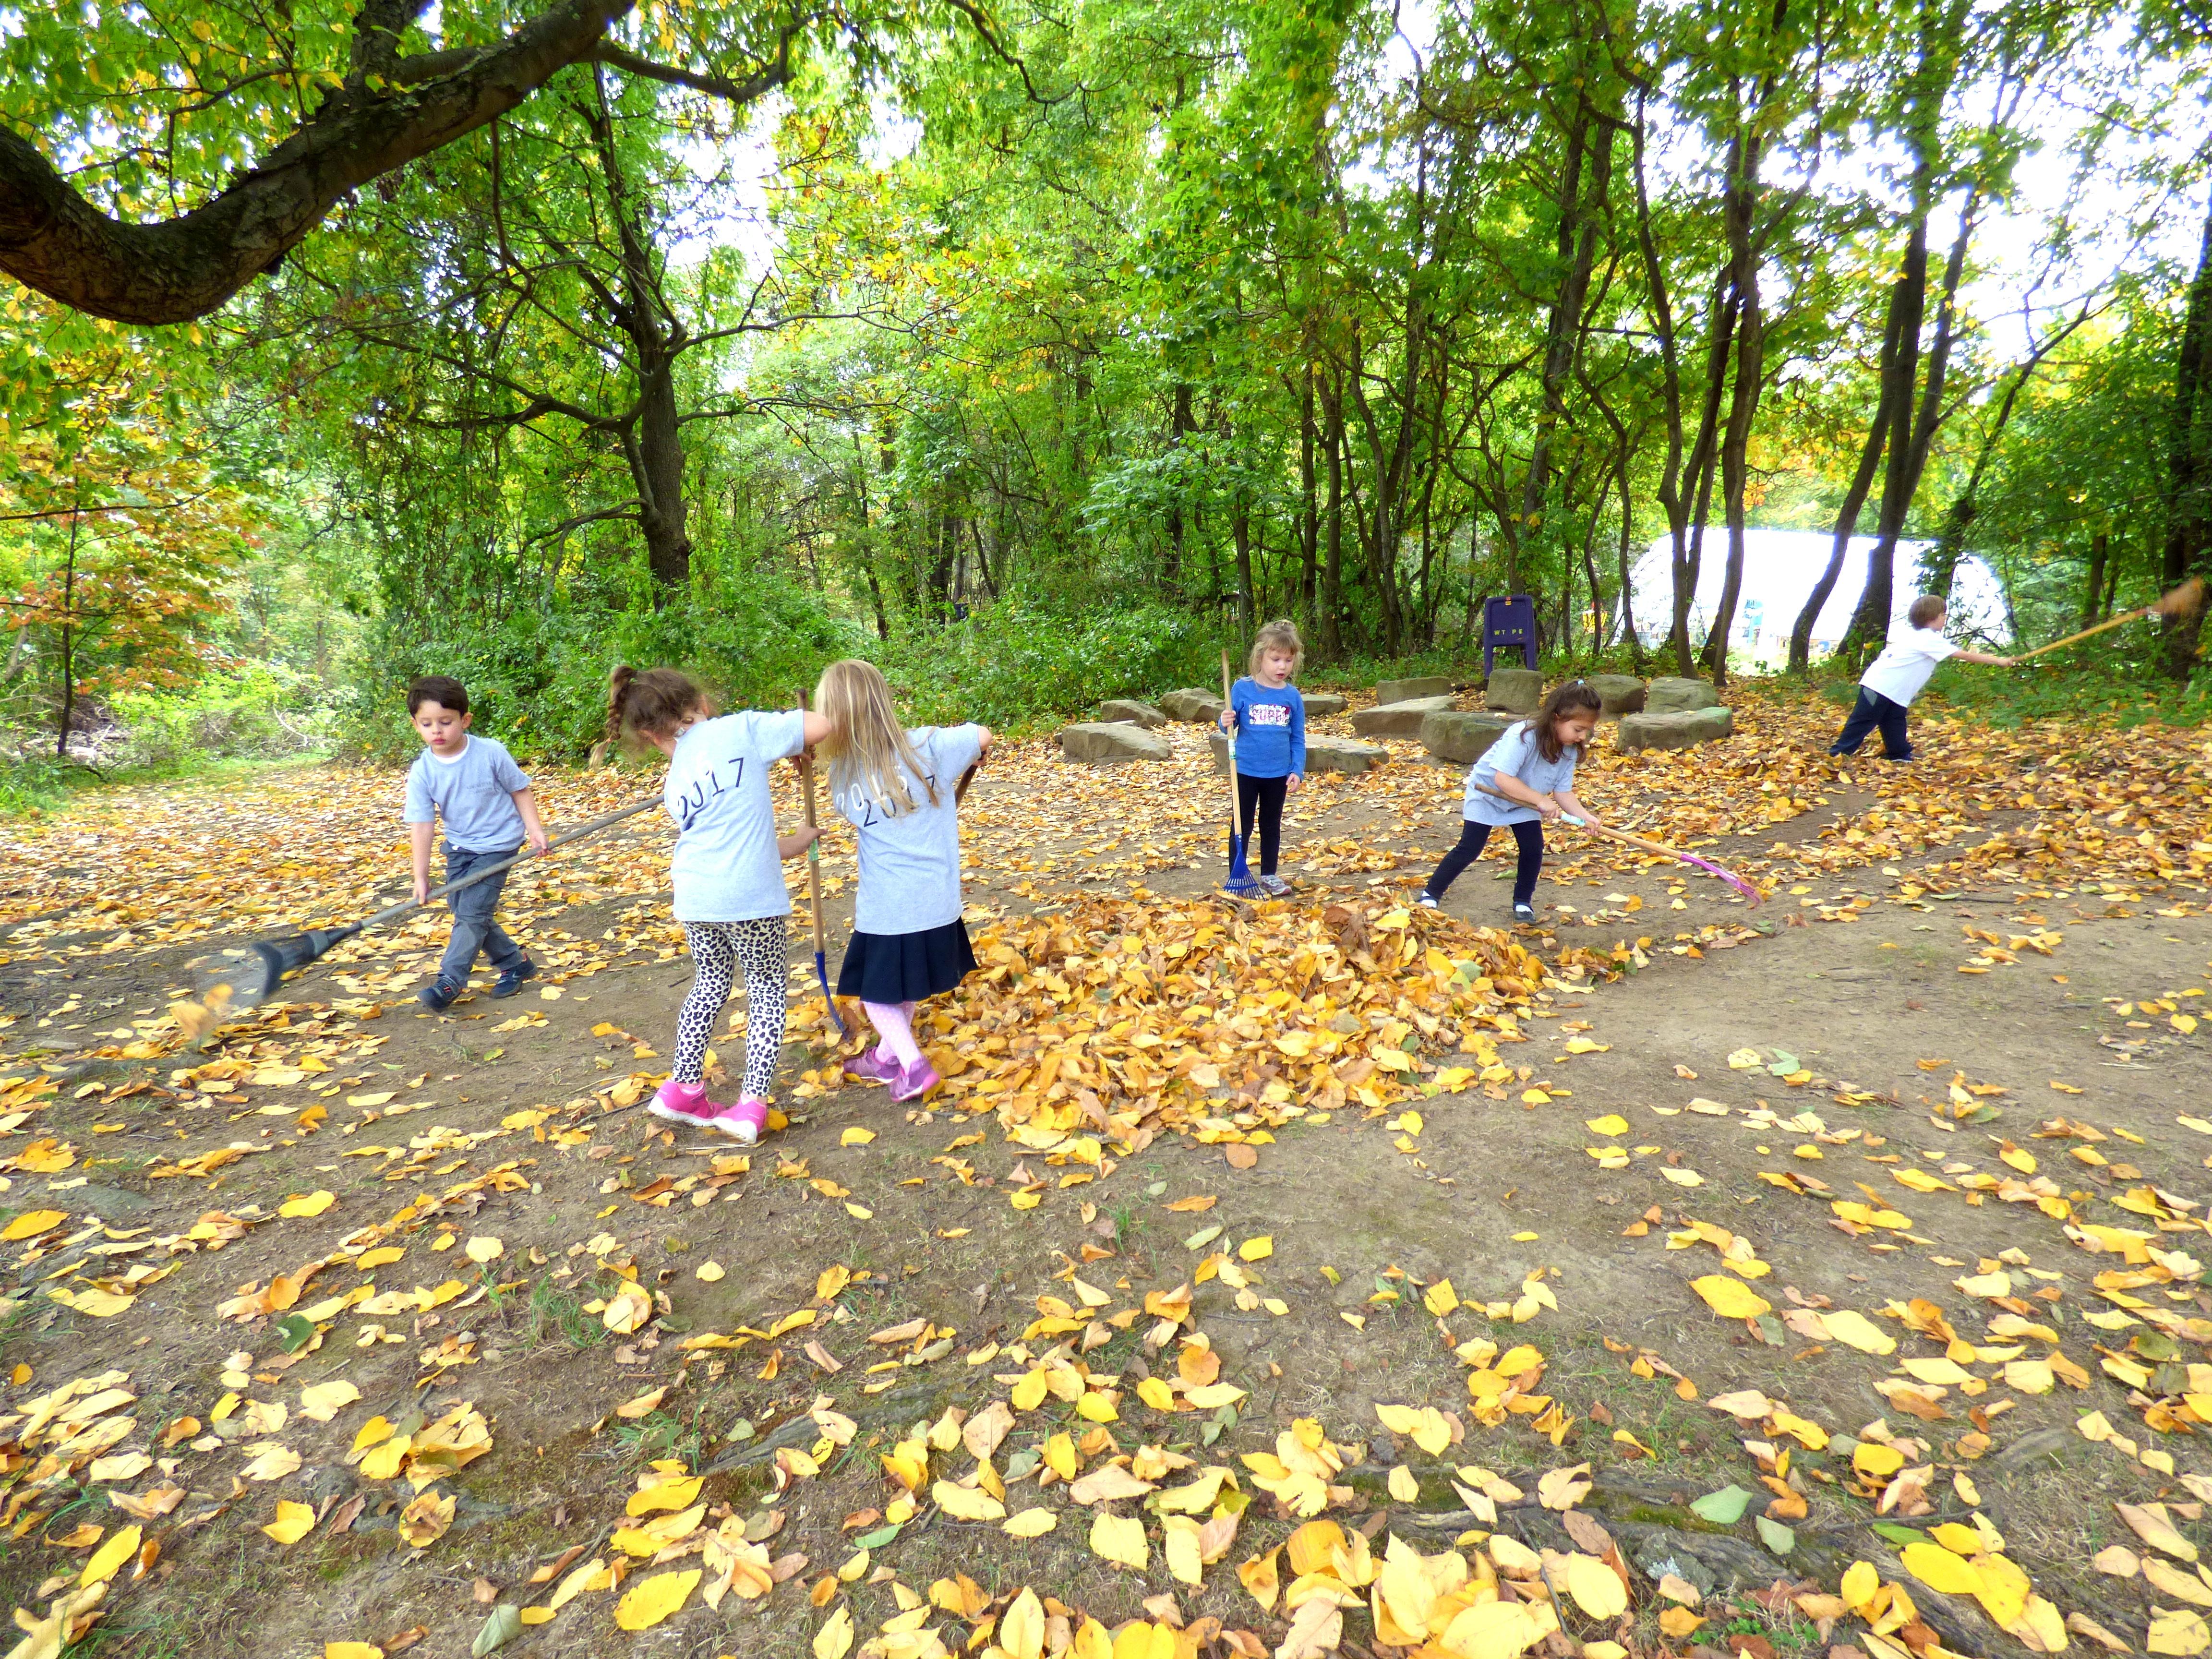 raking-leaves-2